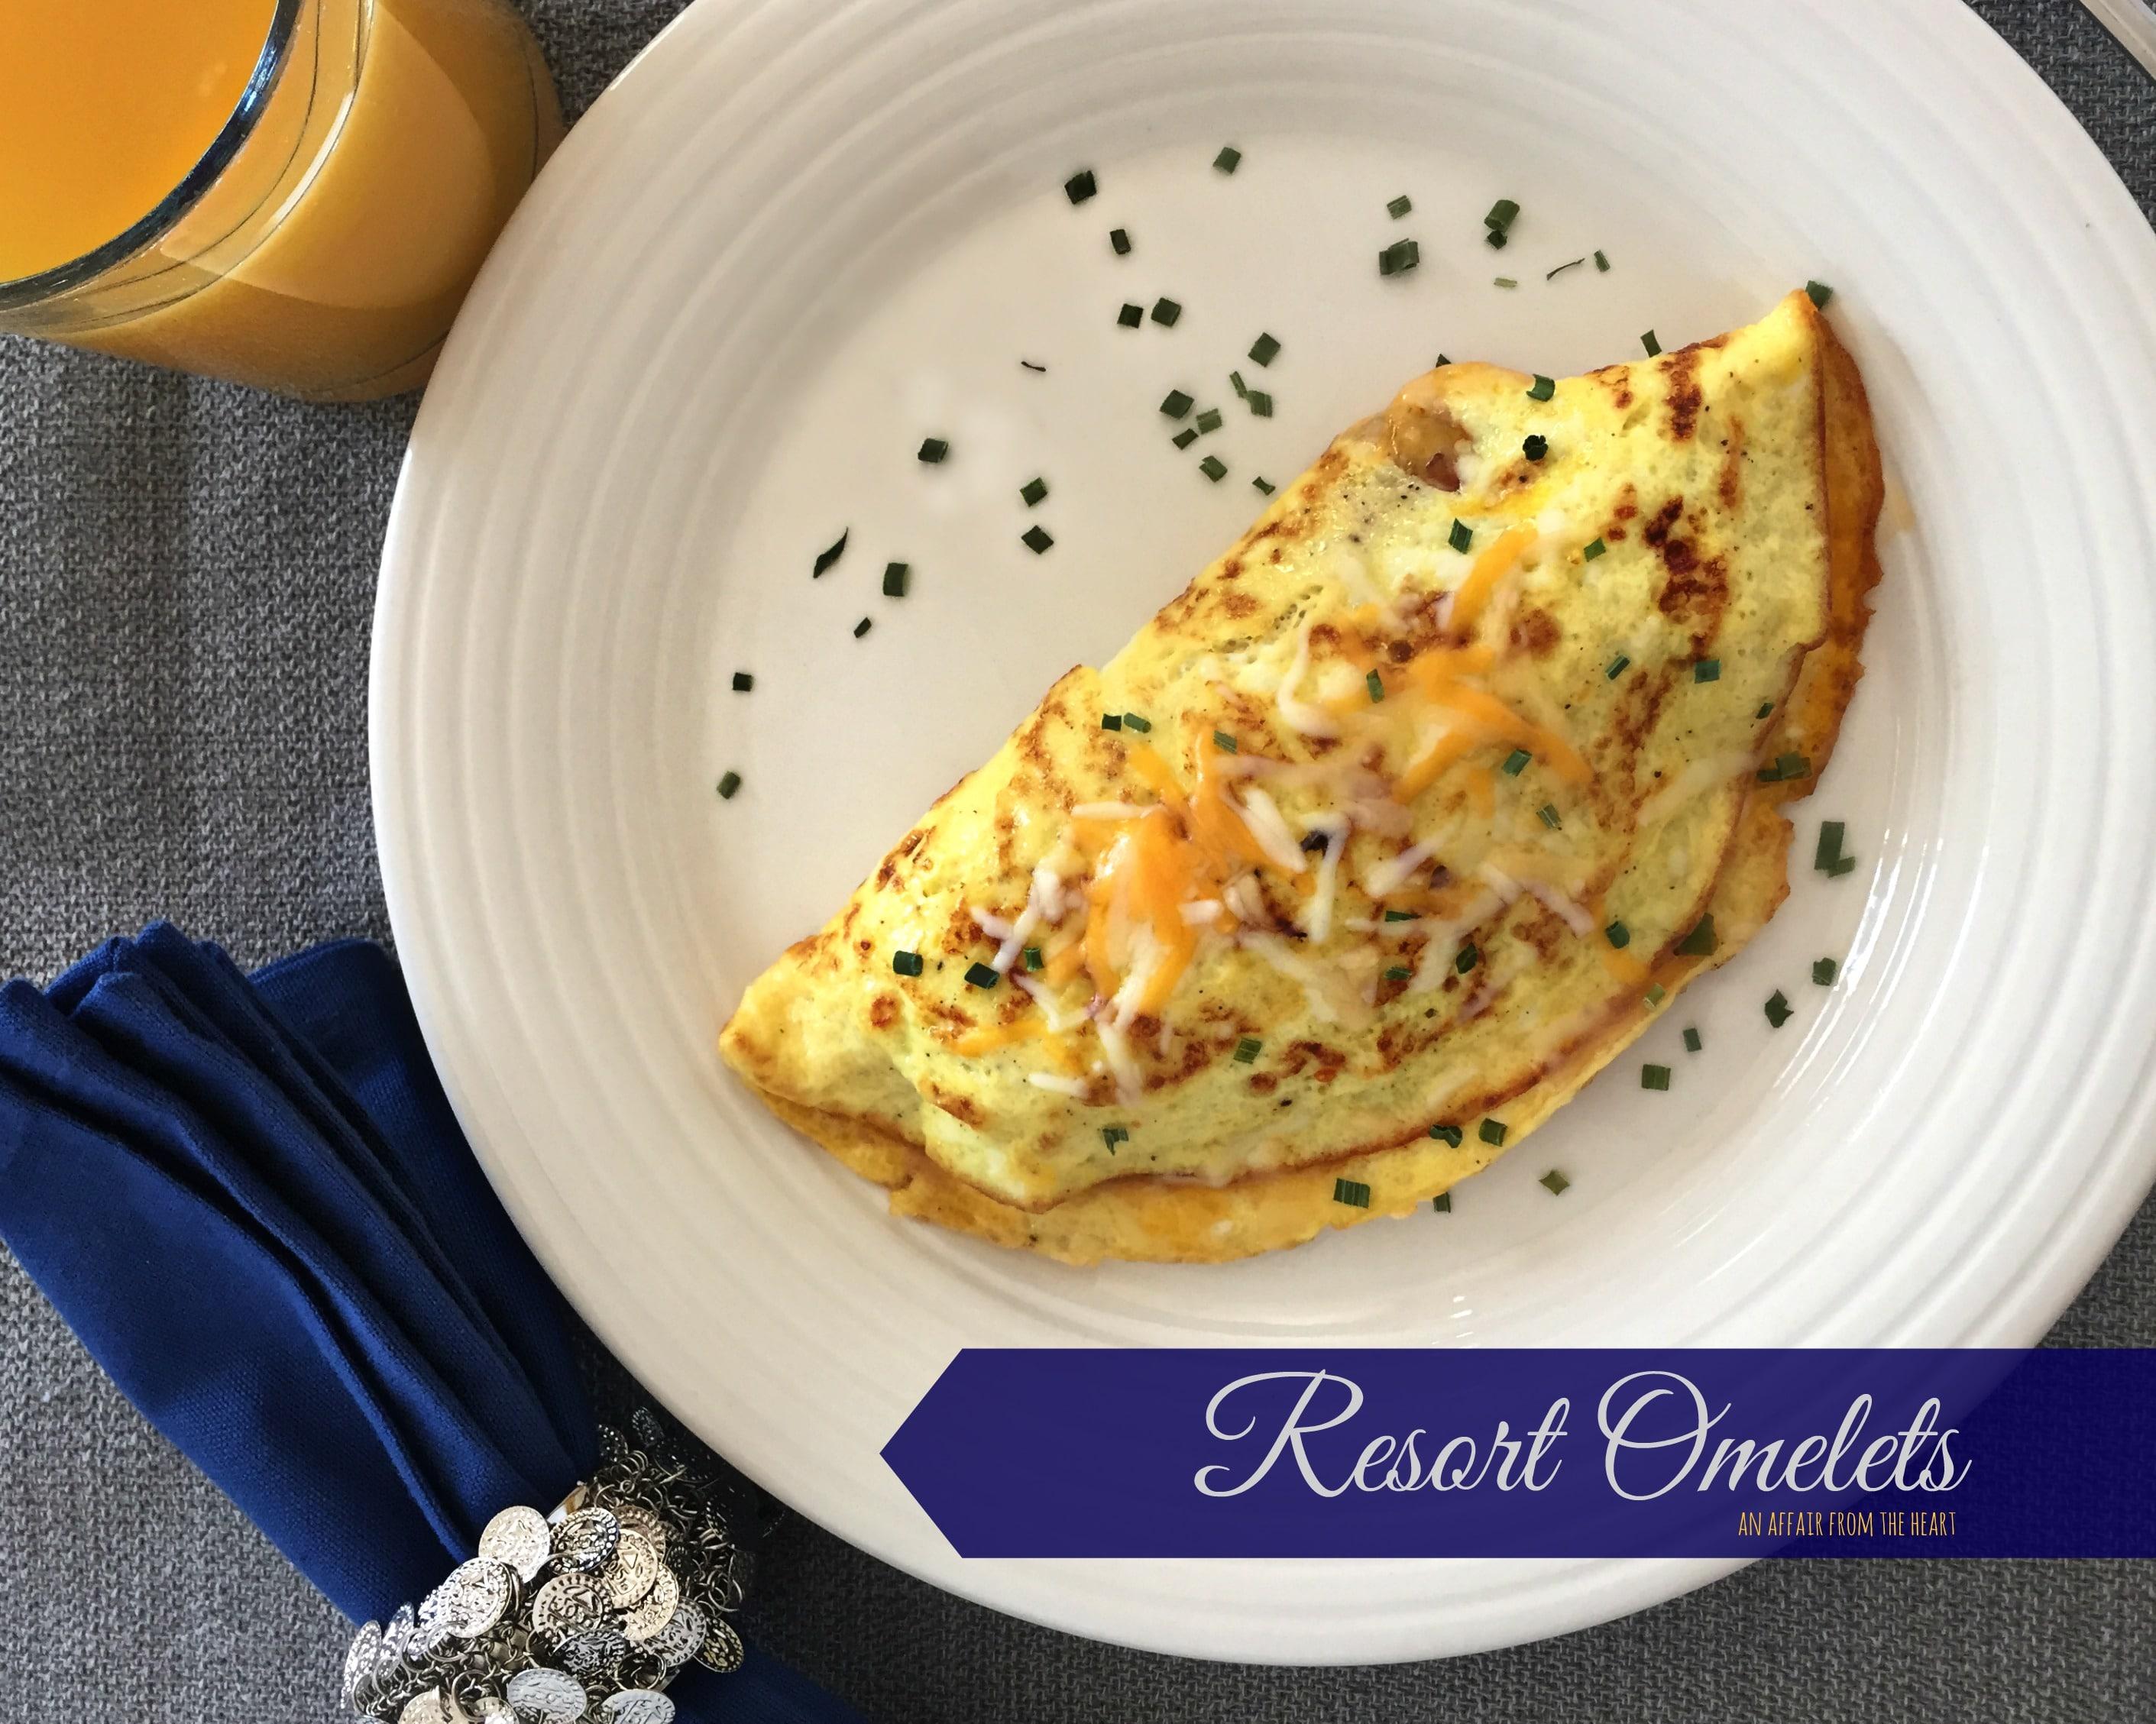 resort omelets